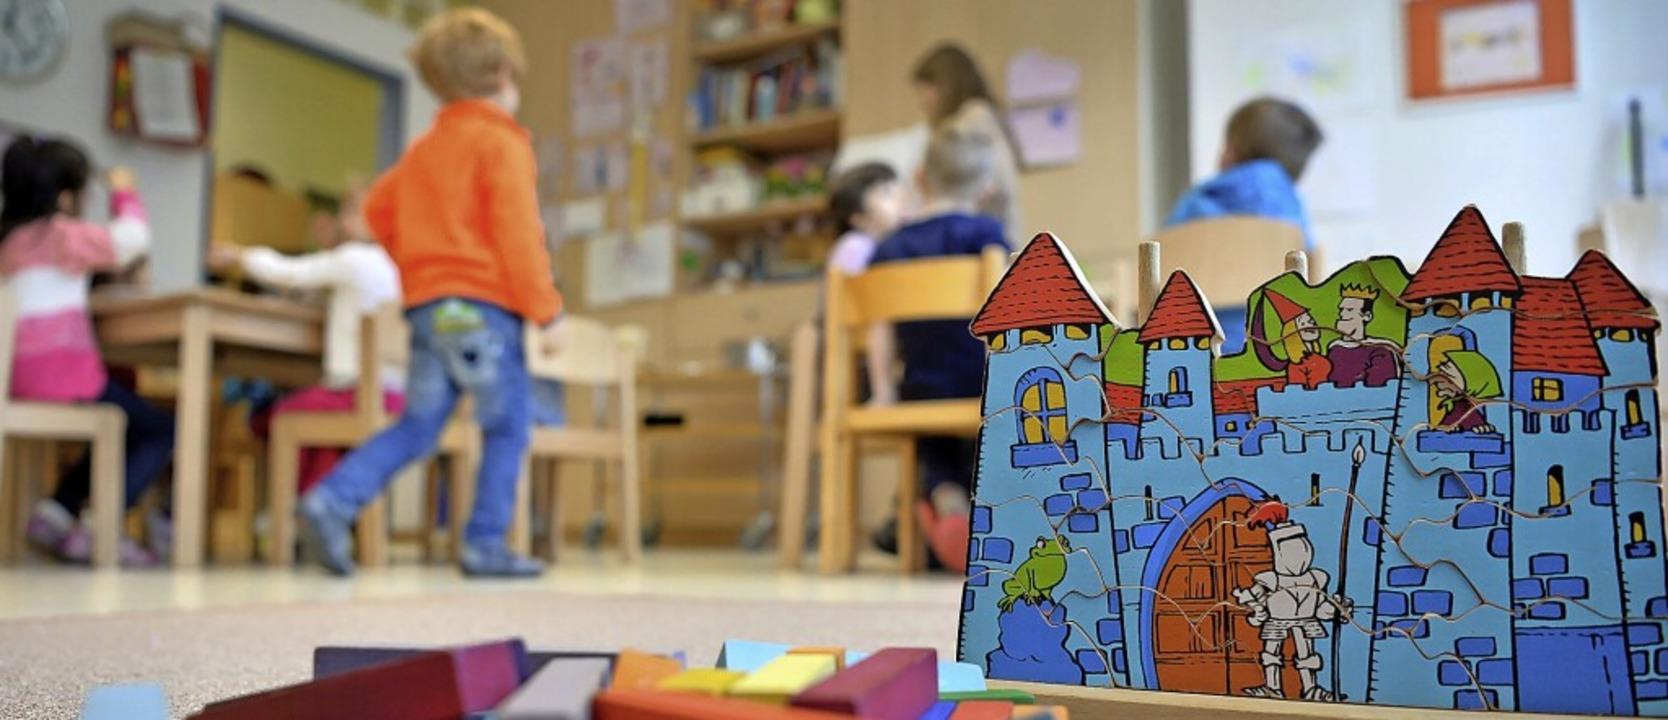 Eschbach hat einer Bedarfsabfrage zufolge zu wenig Kindergartenplätze.  | Foto: Monika Skolimowska